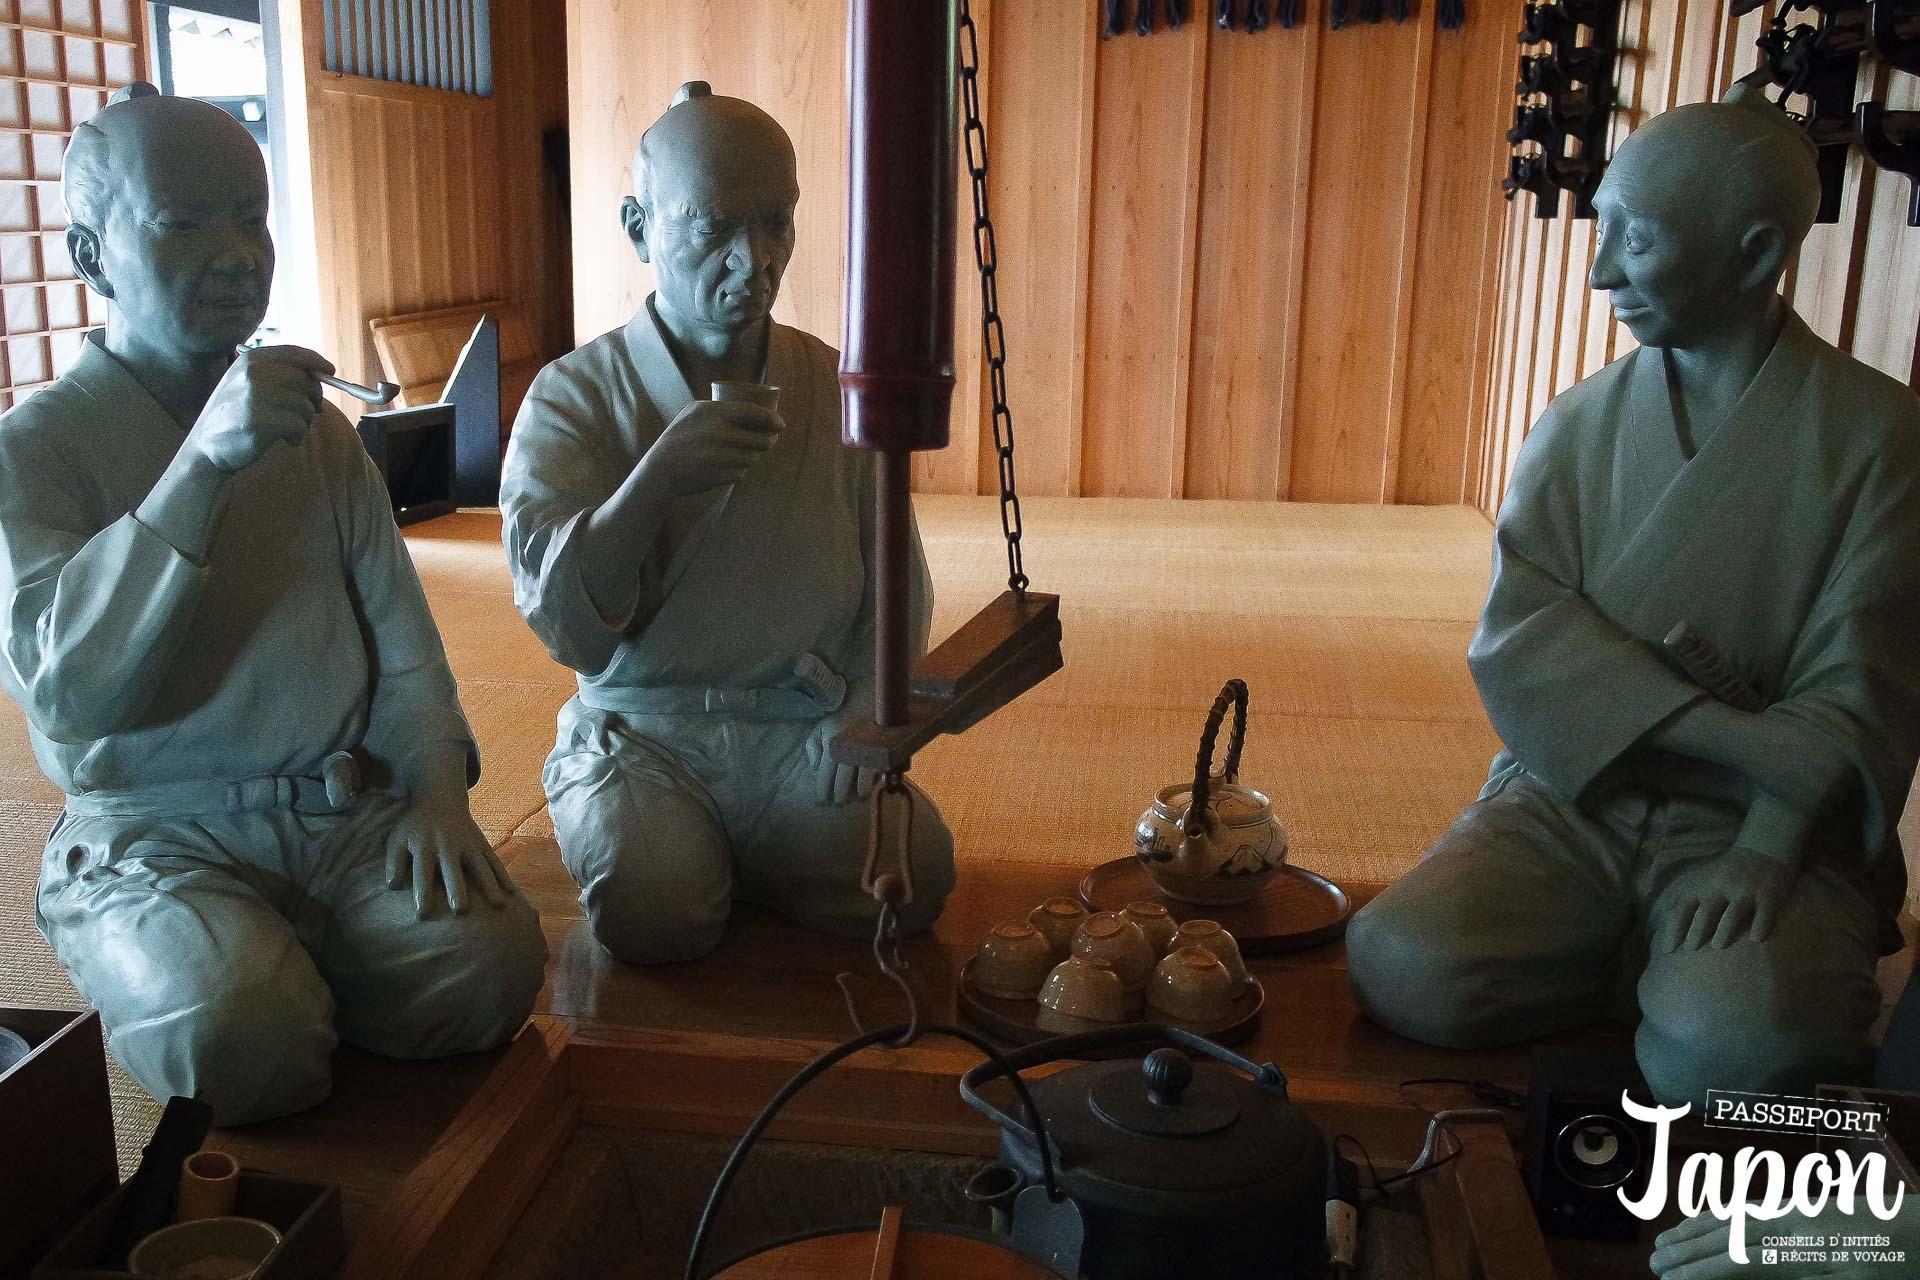 hakone-sekisho-musee-statues